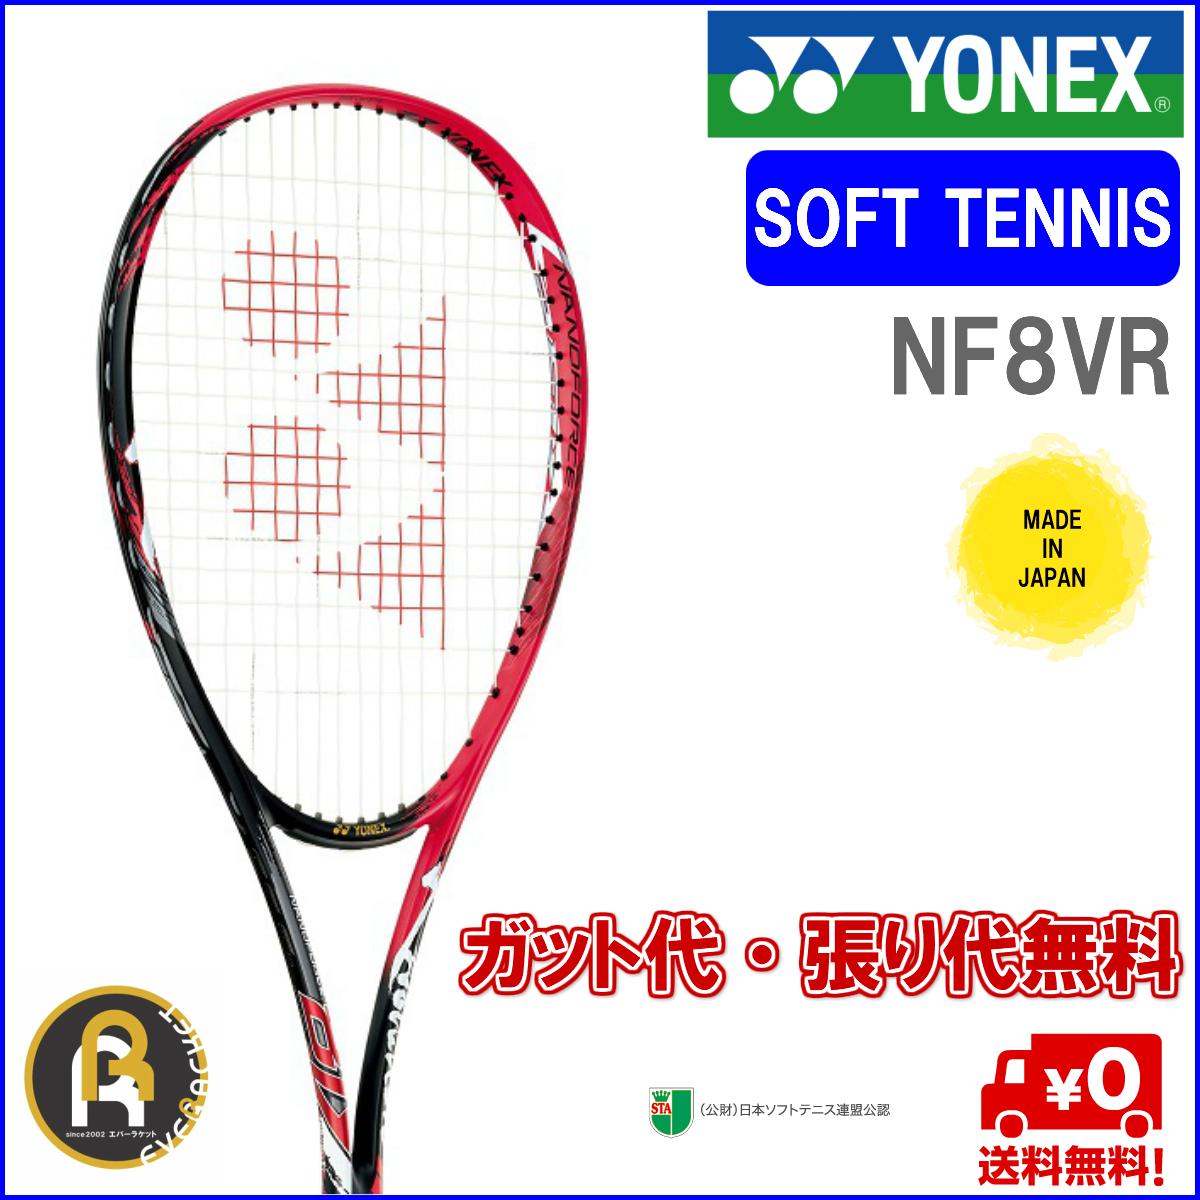 【お買い得商品】ヨネックス YONEX ソフトテニス ラケット ラケット ガット代 張り代 無料 ソフトテニスラケット ナノフォース8Vレブ (オープンスロート) NANOFORCE REV 8V NF8VR 前衛モデル